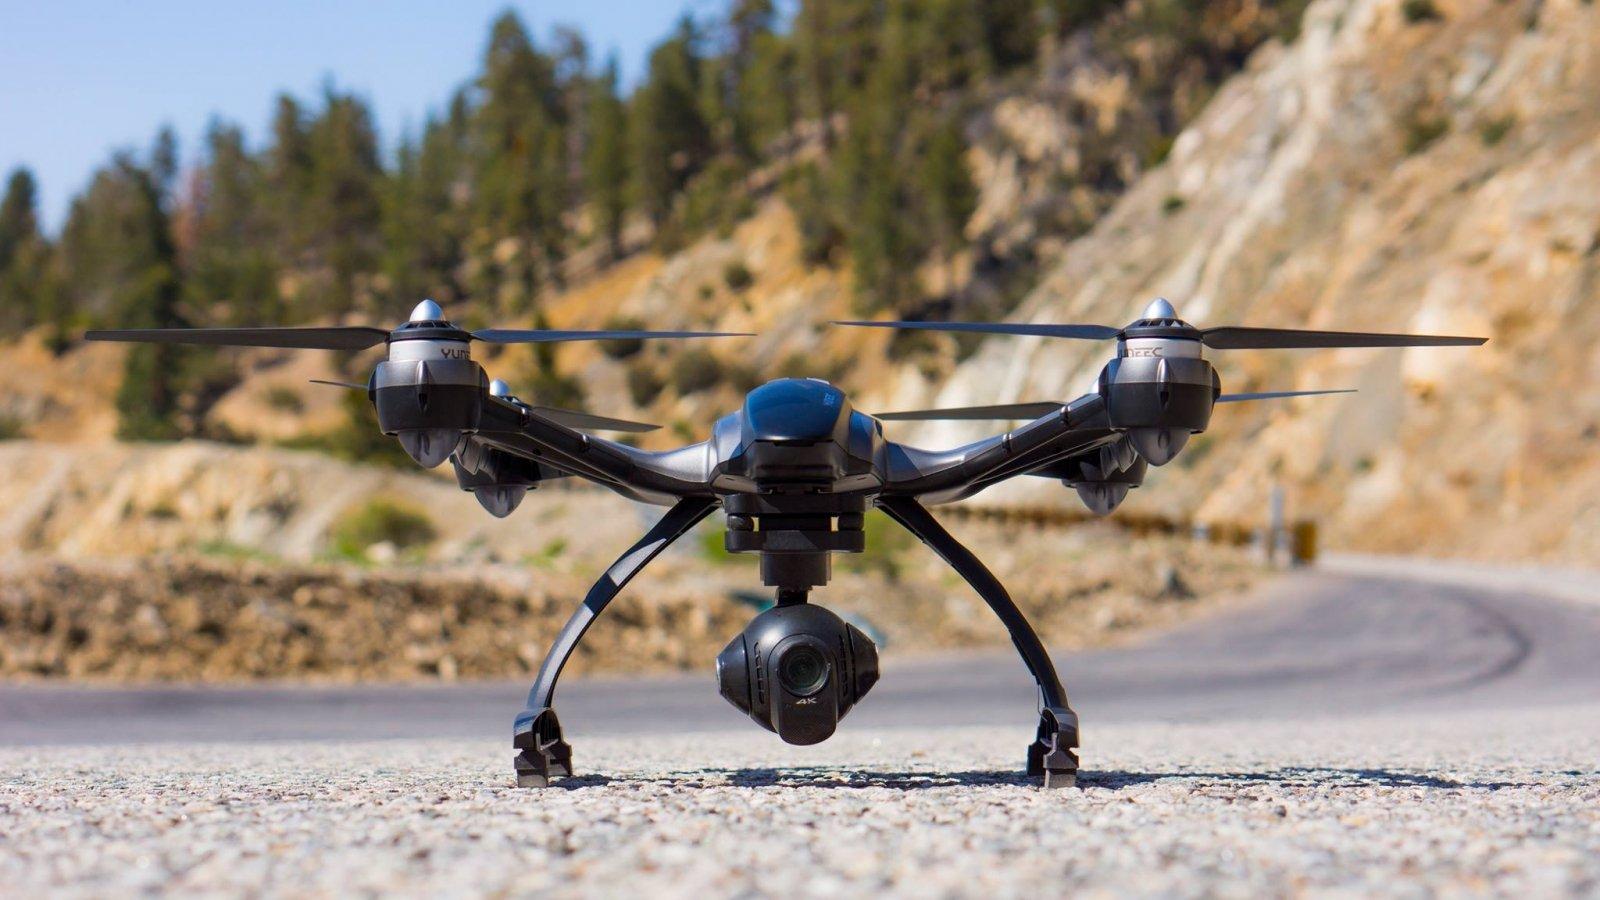 ФСБ заявила об угрозе массированных террористических атак дронами